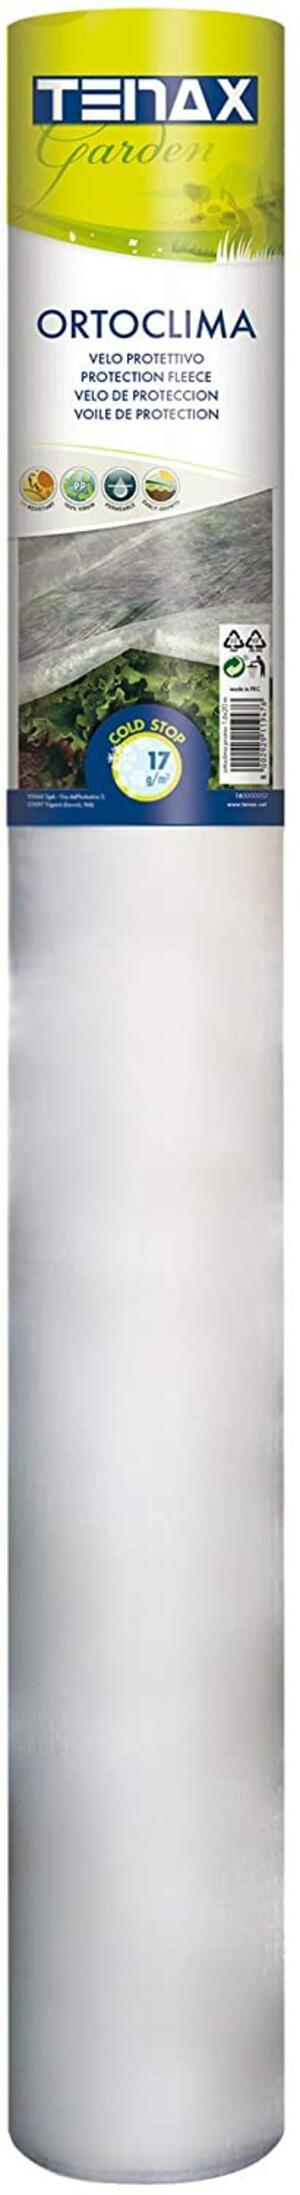 Telo Ortoclima Rotolo 1,6x20 mt Tenax